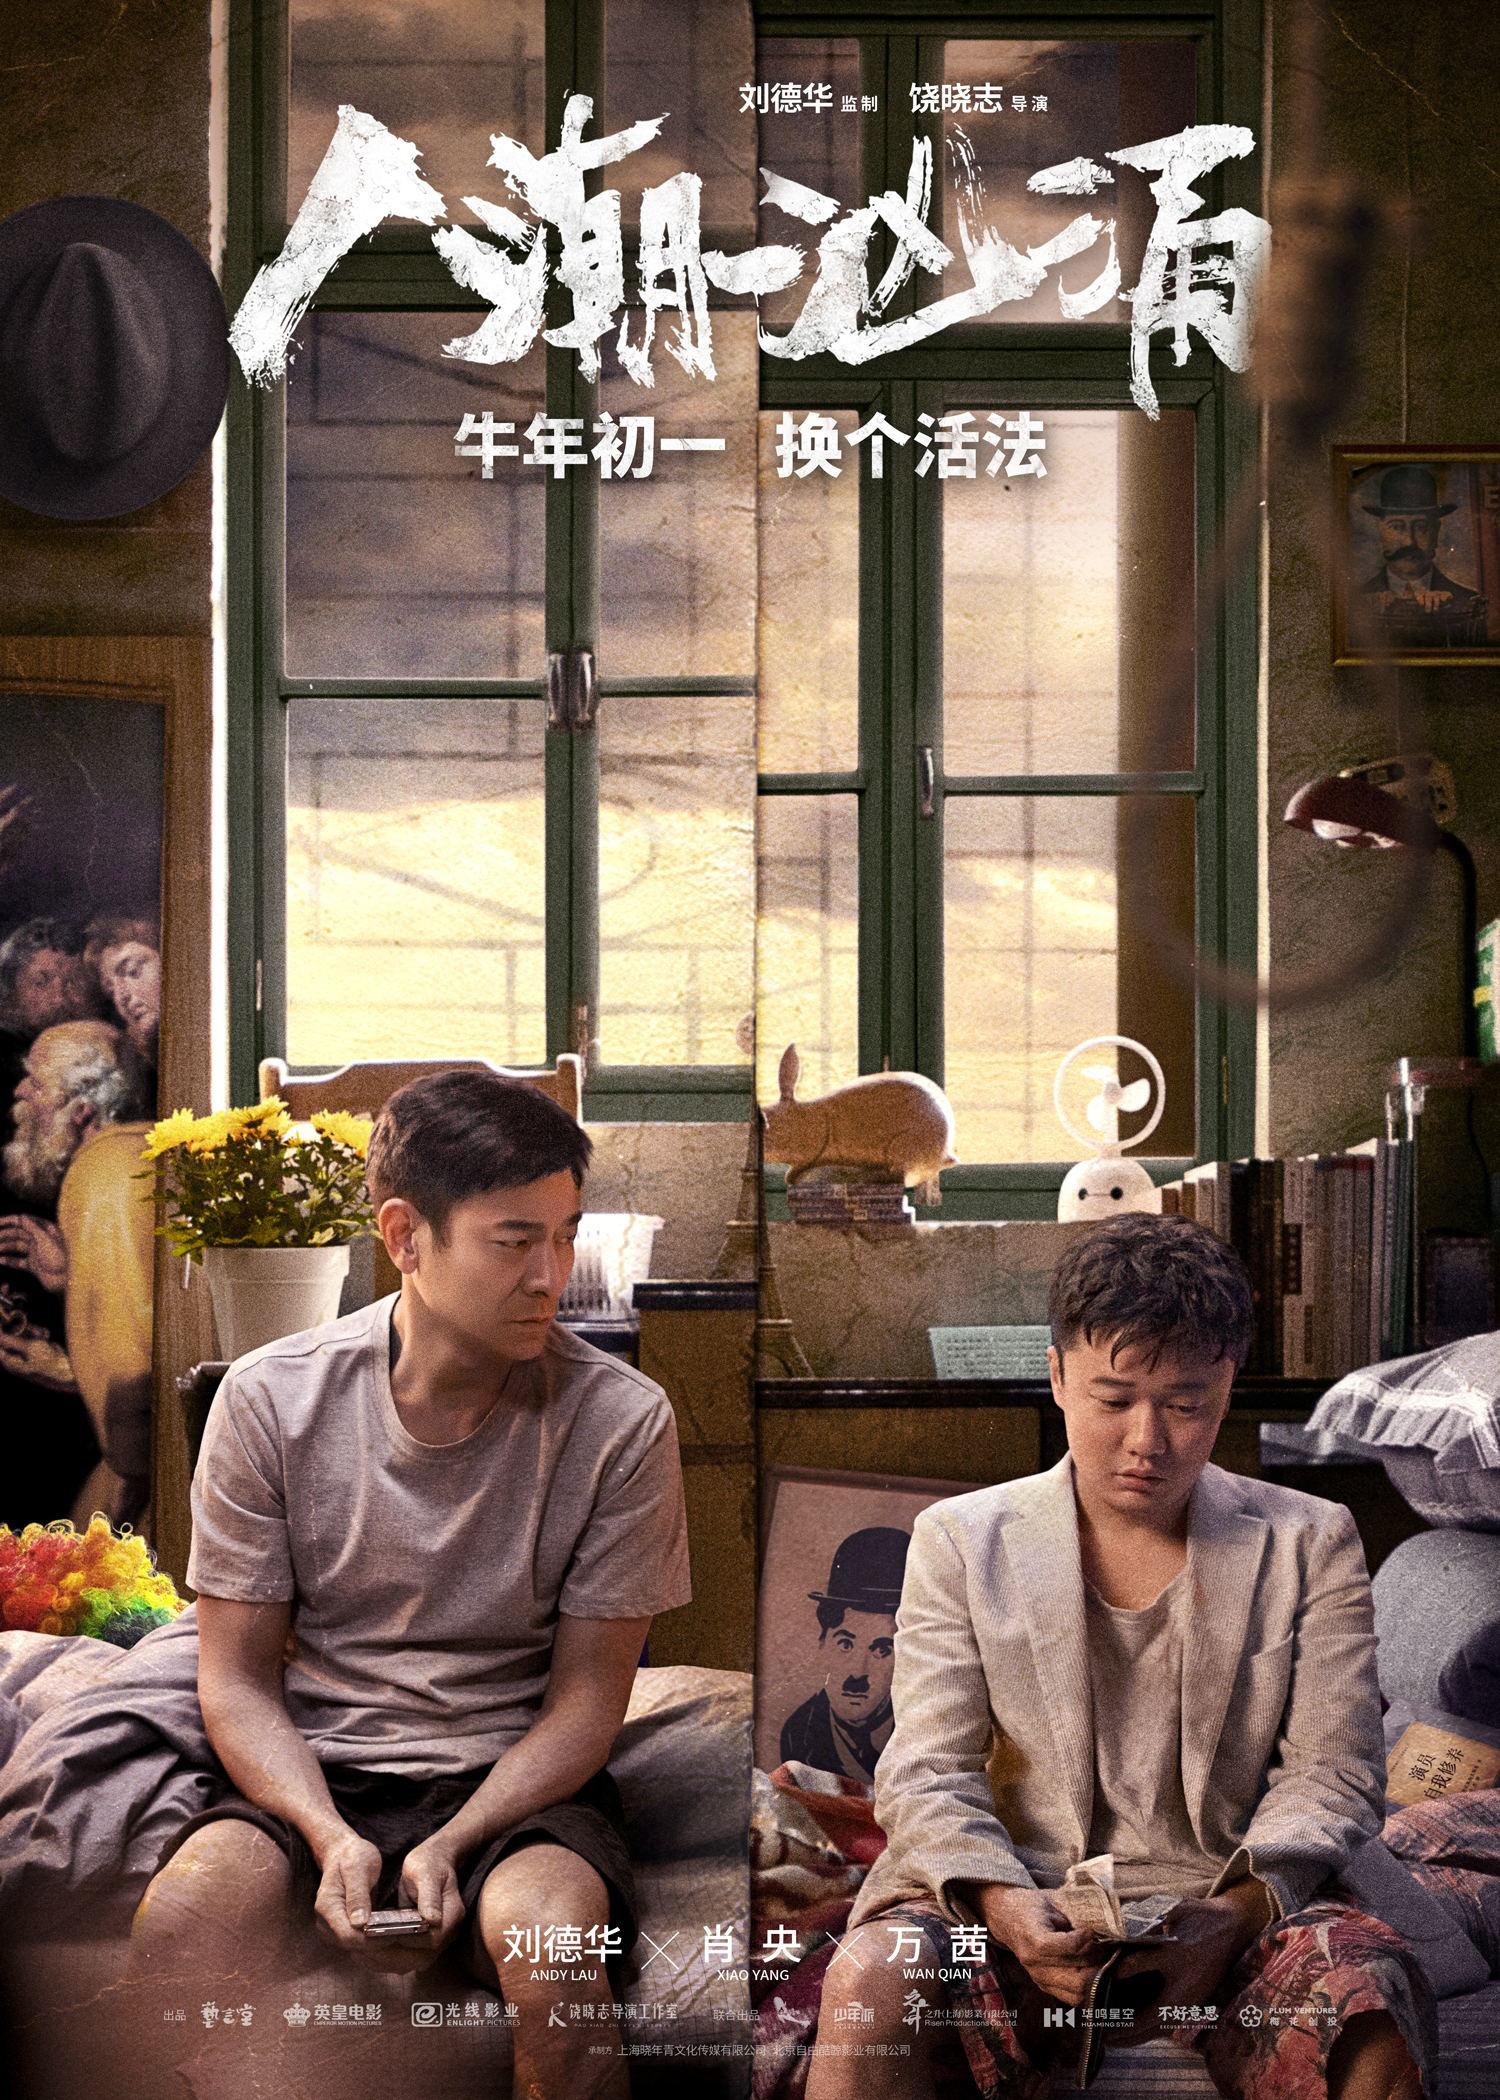 电银付加盟(dianyinzhifu.com):刘若英刘德华16年后再对唱 《人潮汹涌》曝片尾曲 第6张